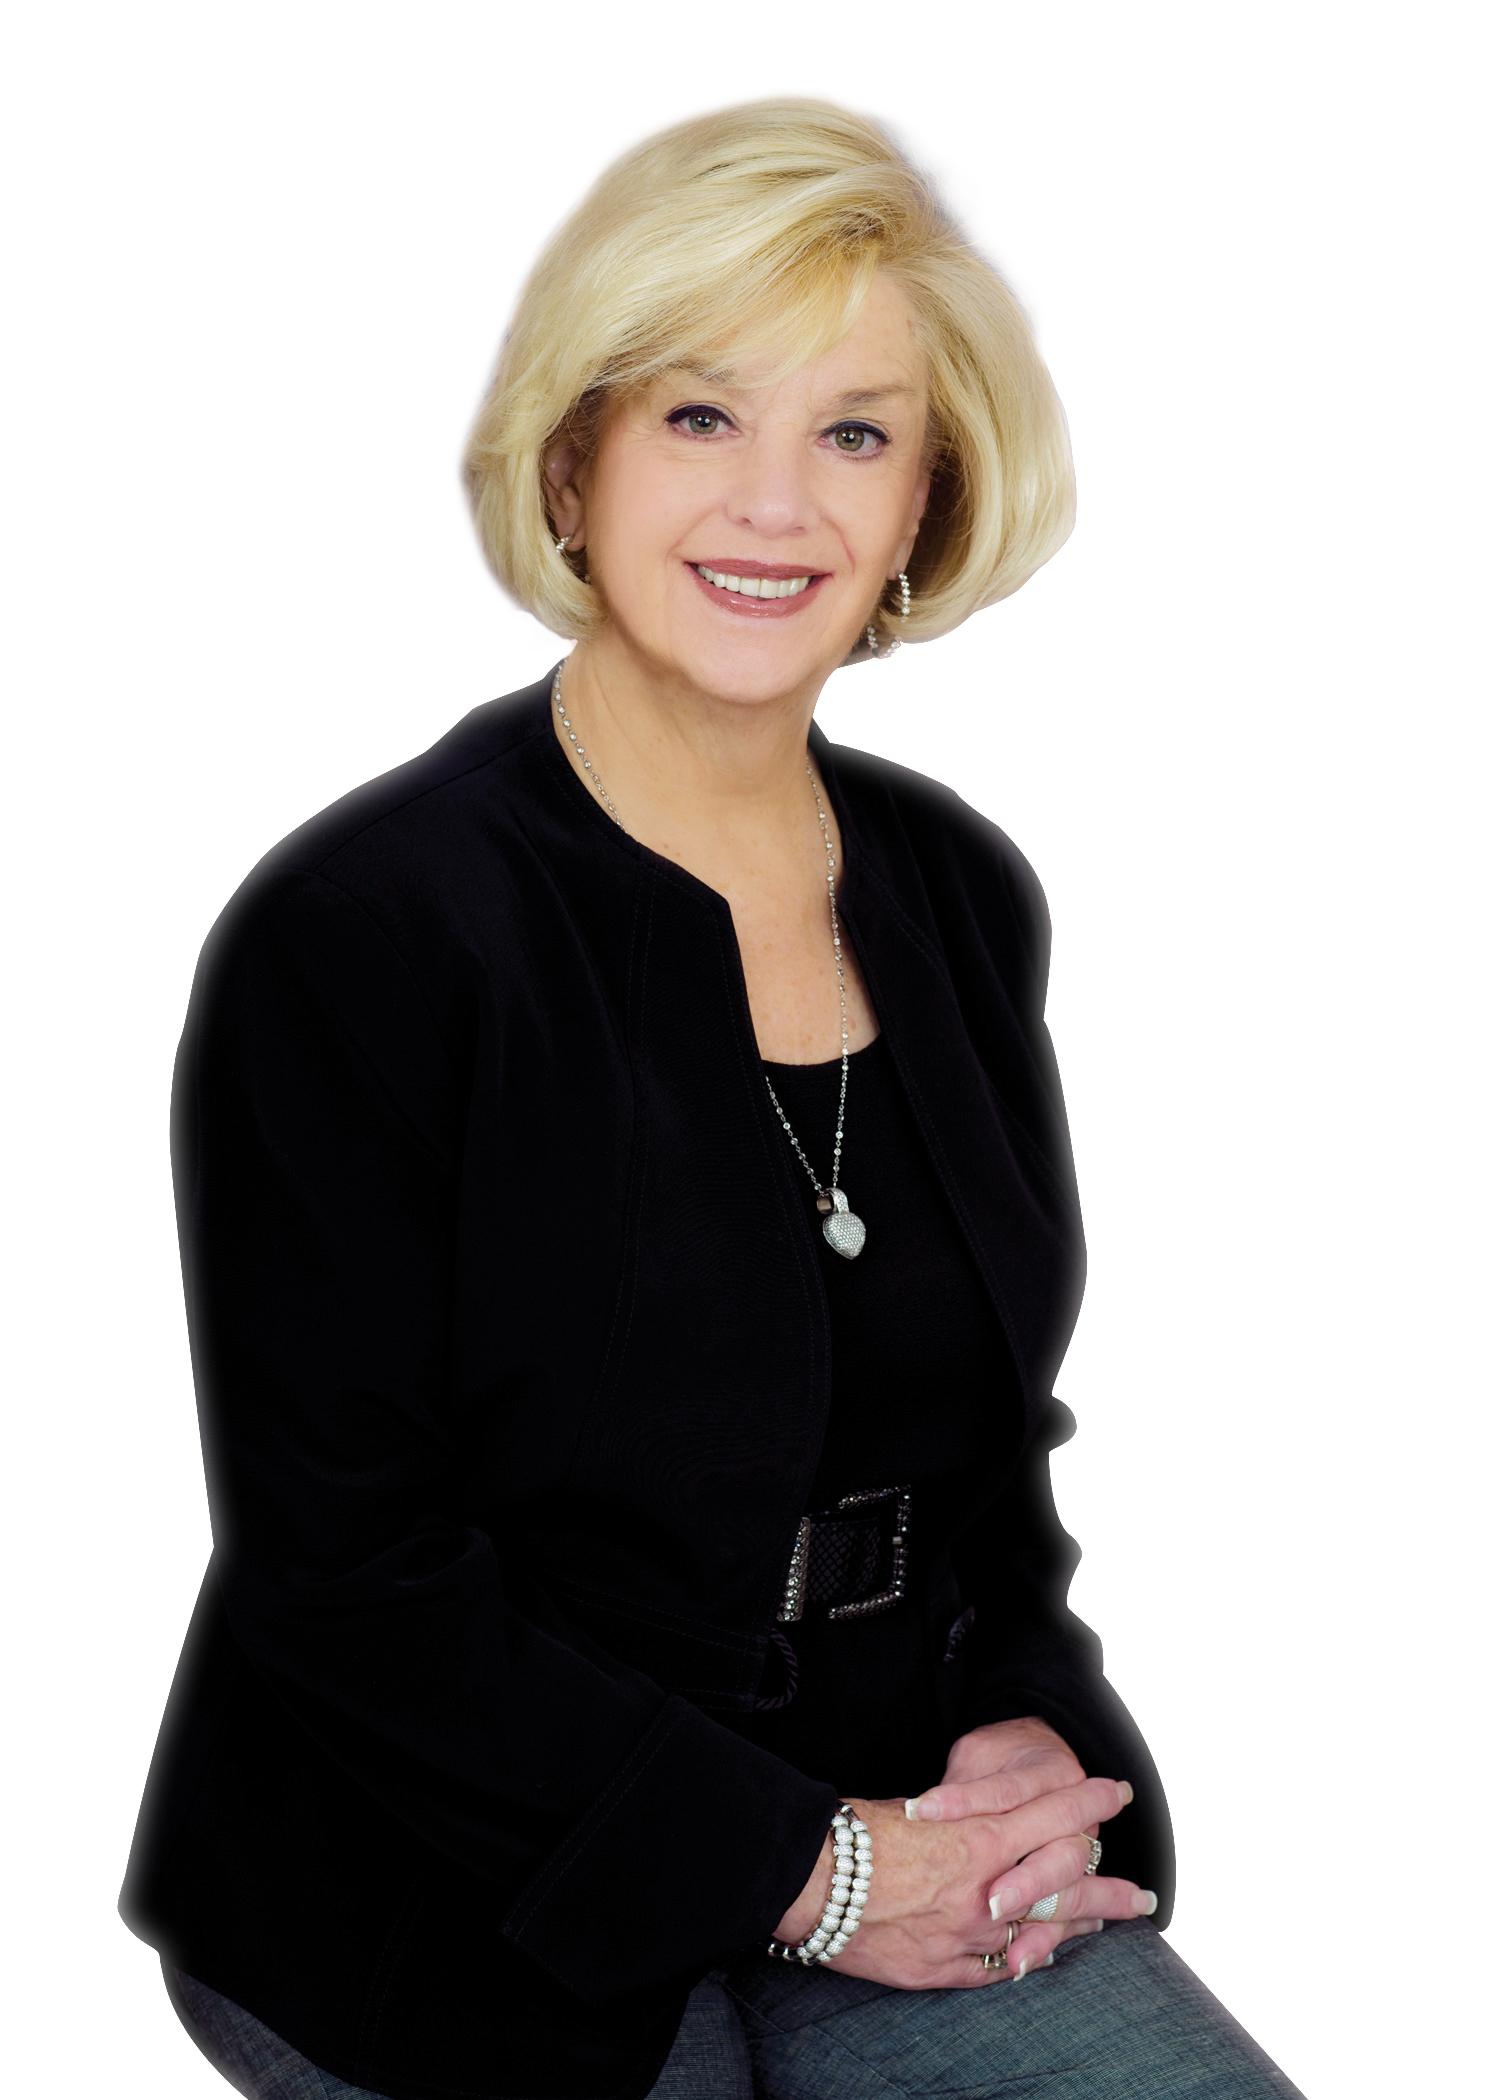 Sharon Byrne